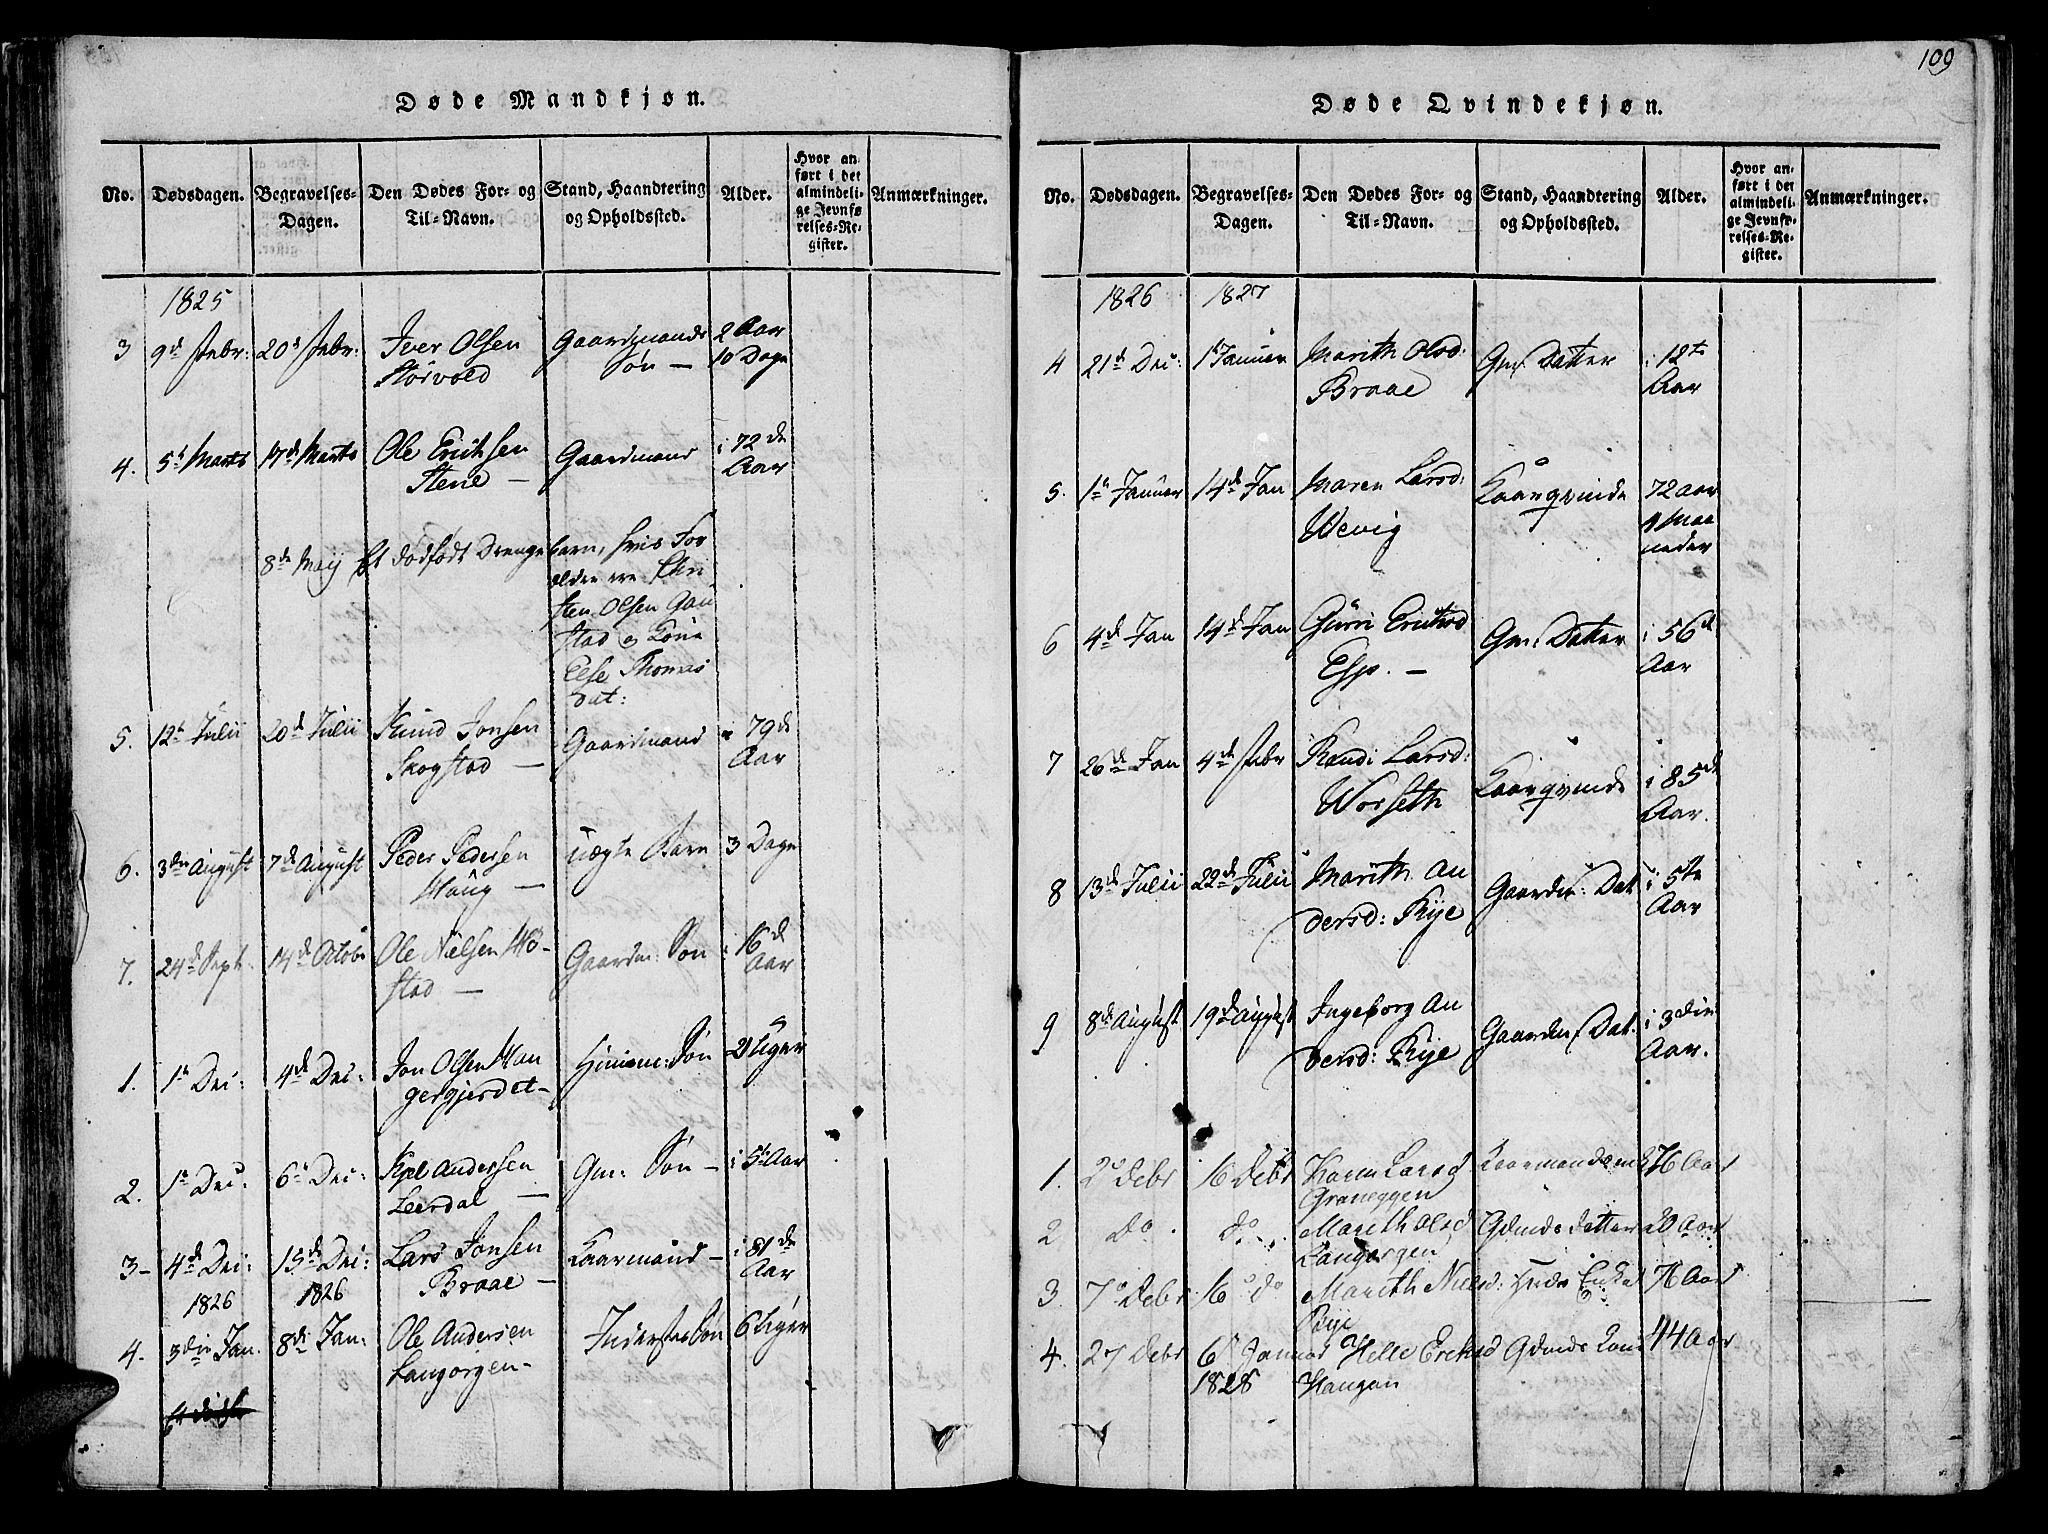 SAT, Ministerialprotokoller, klokkerbøker og fødselsregistre - Sør-Trøndelag, 612/L0372: Ministerialbok nr. 612A06 /1, 1816-1828, s. 109